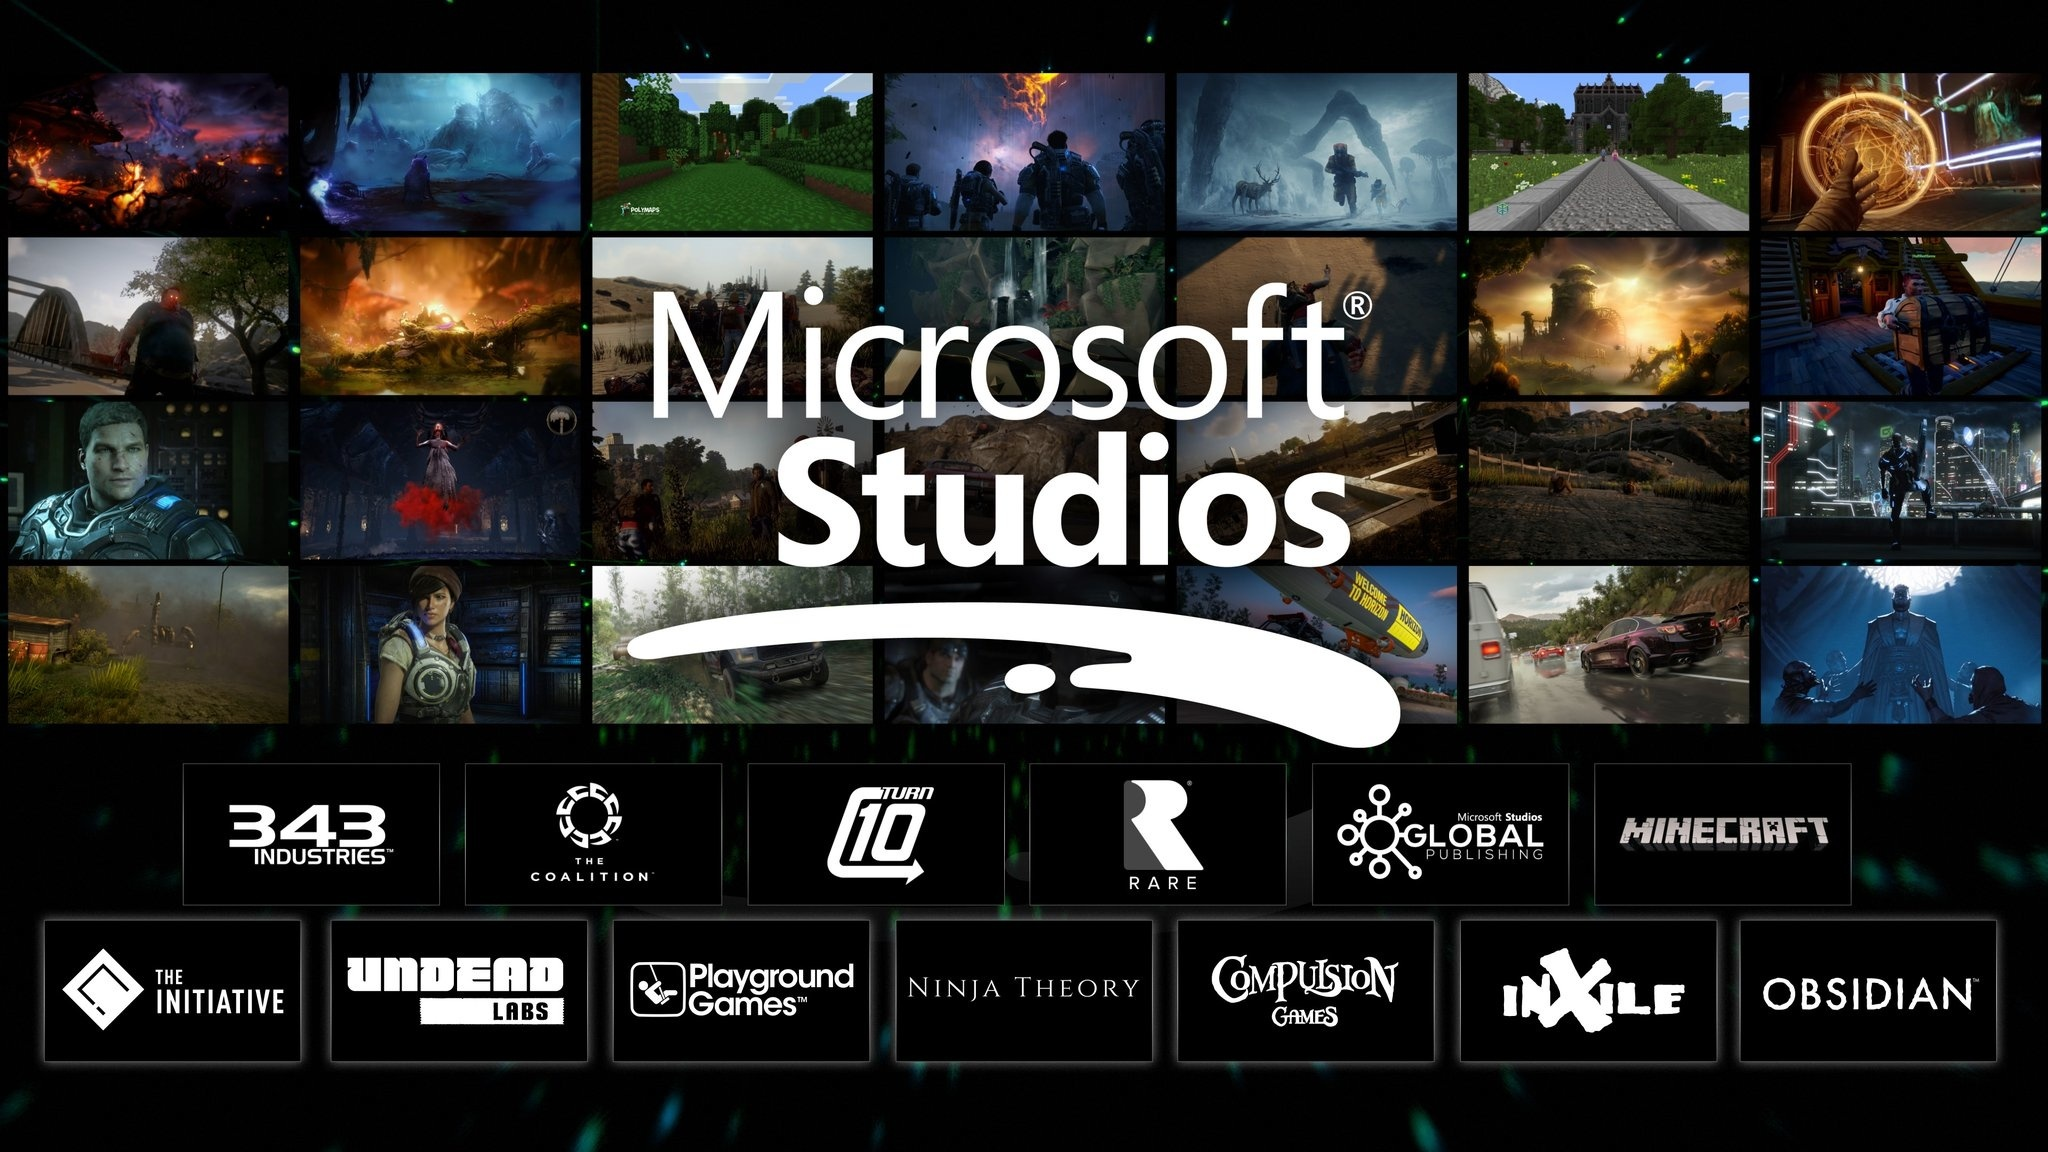 微軟XBOX宣佈收購Obsidian和Inxile兩家工作室